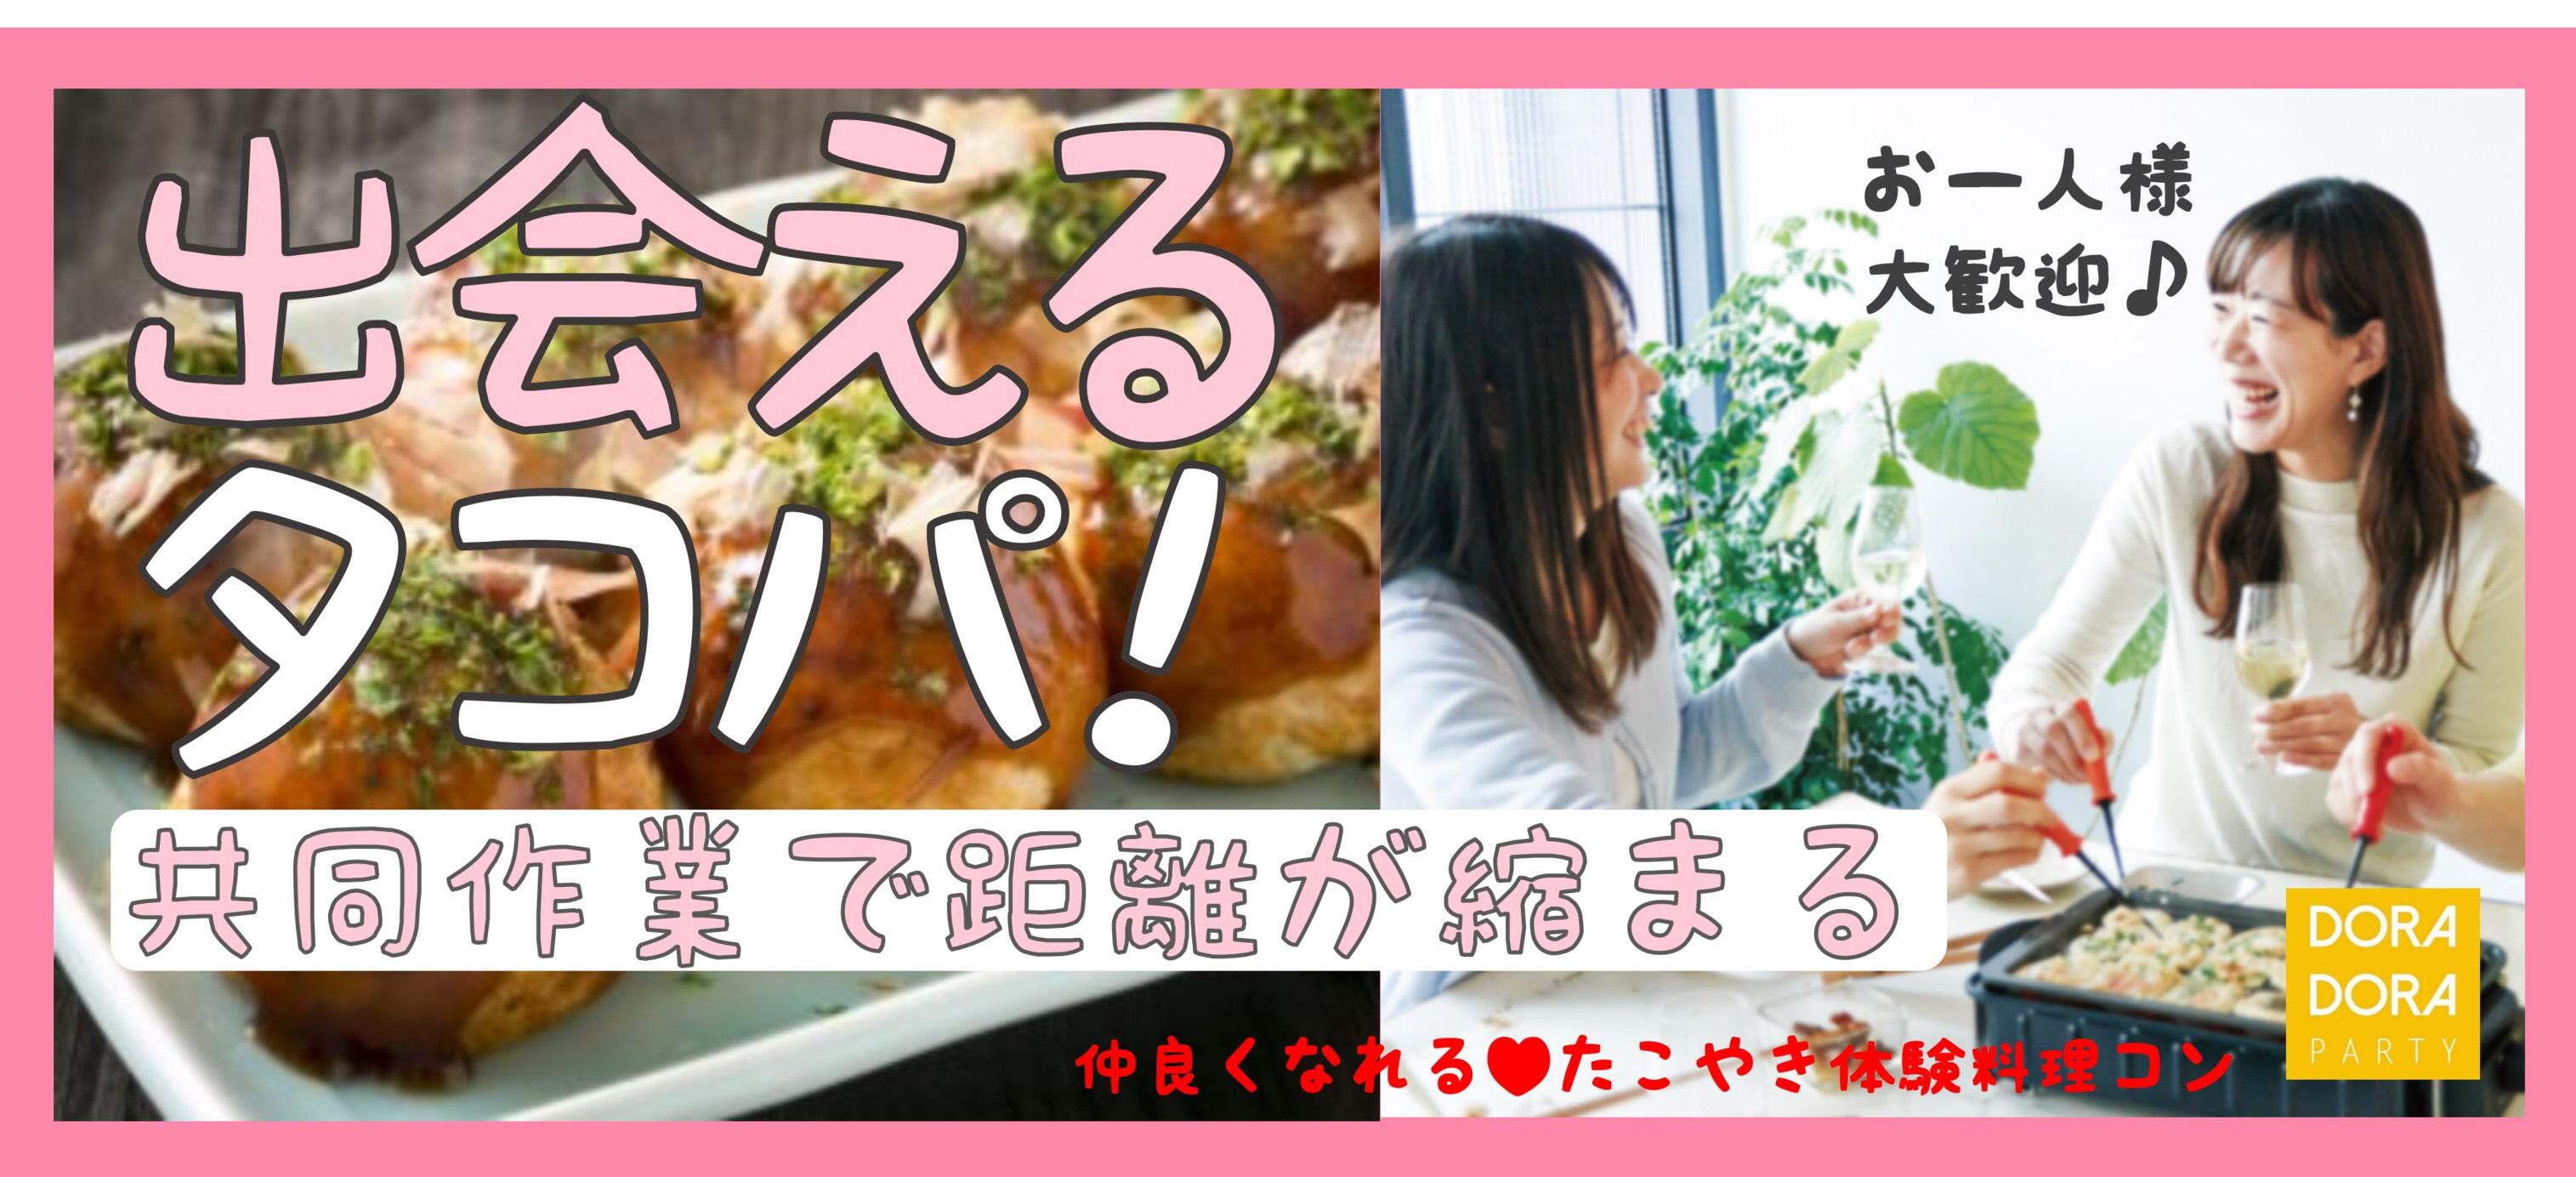 9/30 渋谷 20代限定 料理体験ができます☆渋谷のレトロ感漂うお洒落ダイニングでワンランク上の大人のたこ焼き街コン